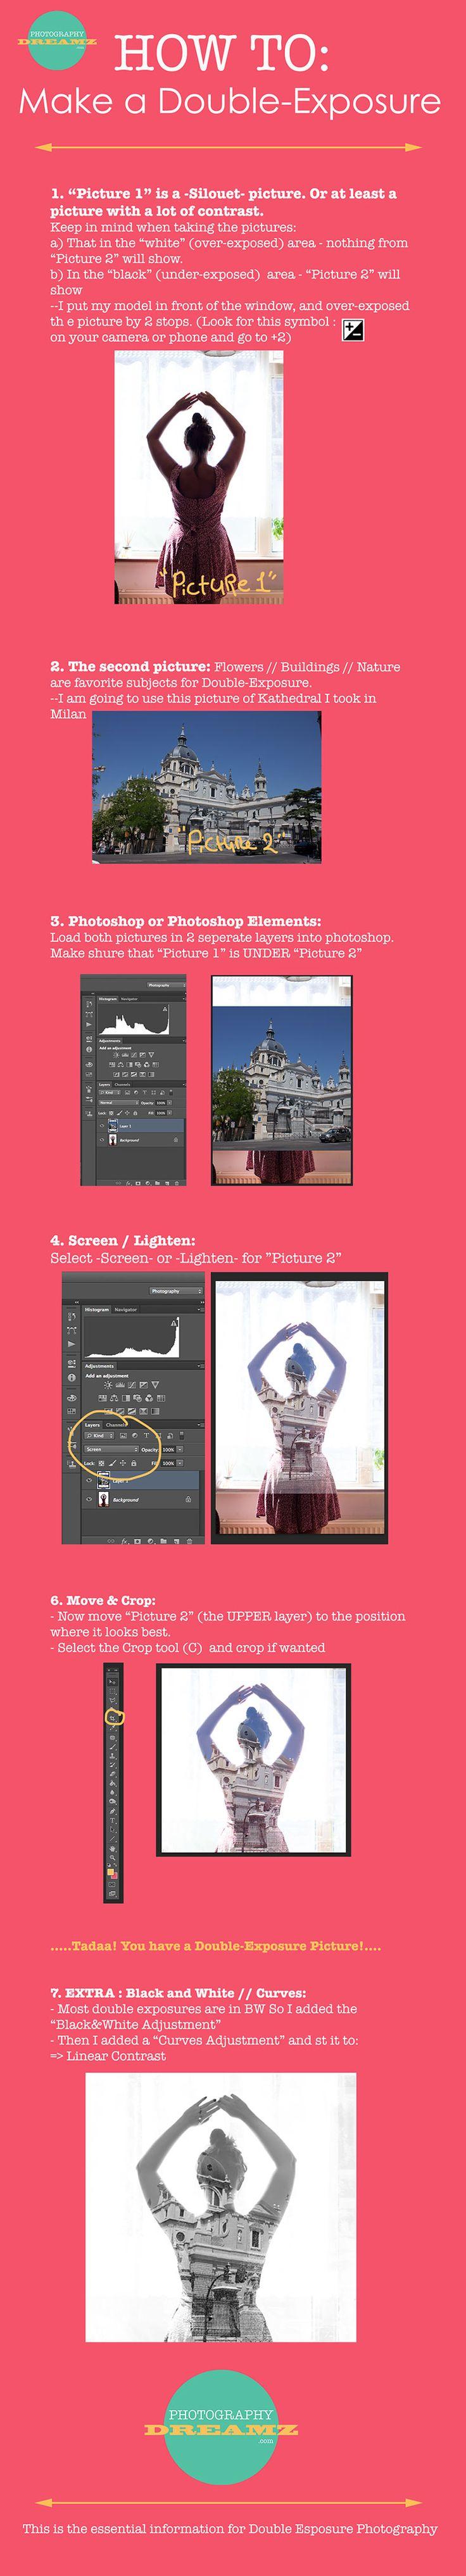 AO2 - Final piece idea + Technique idea - Double exposure tutorial - Photoshop